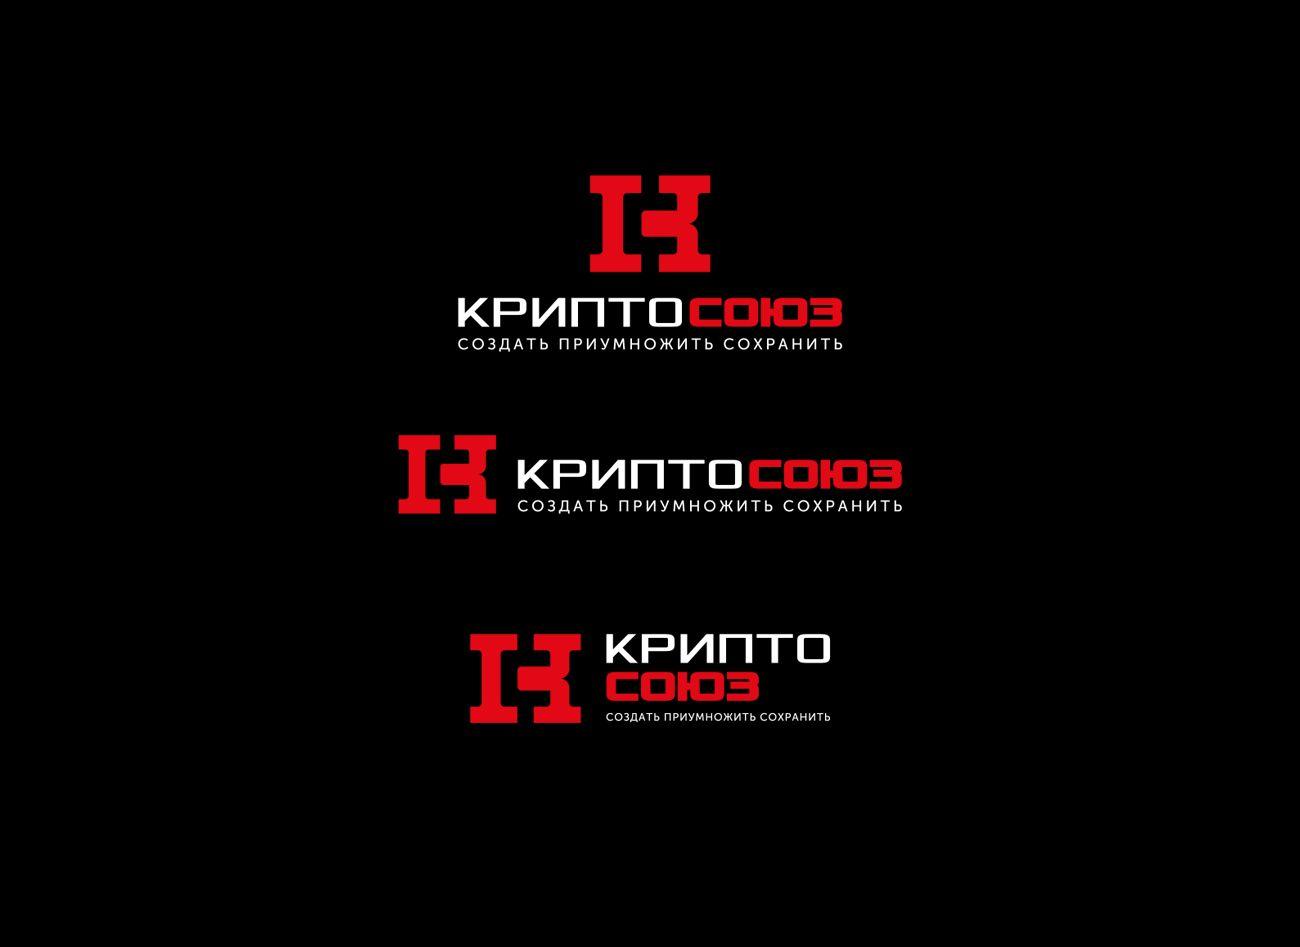 Лого и фирменный стиль для ПО